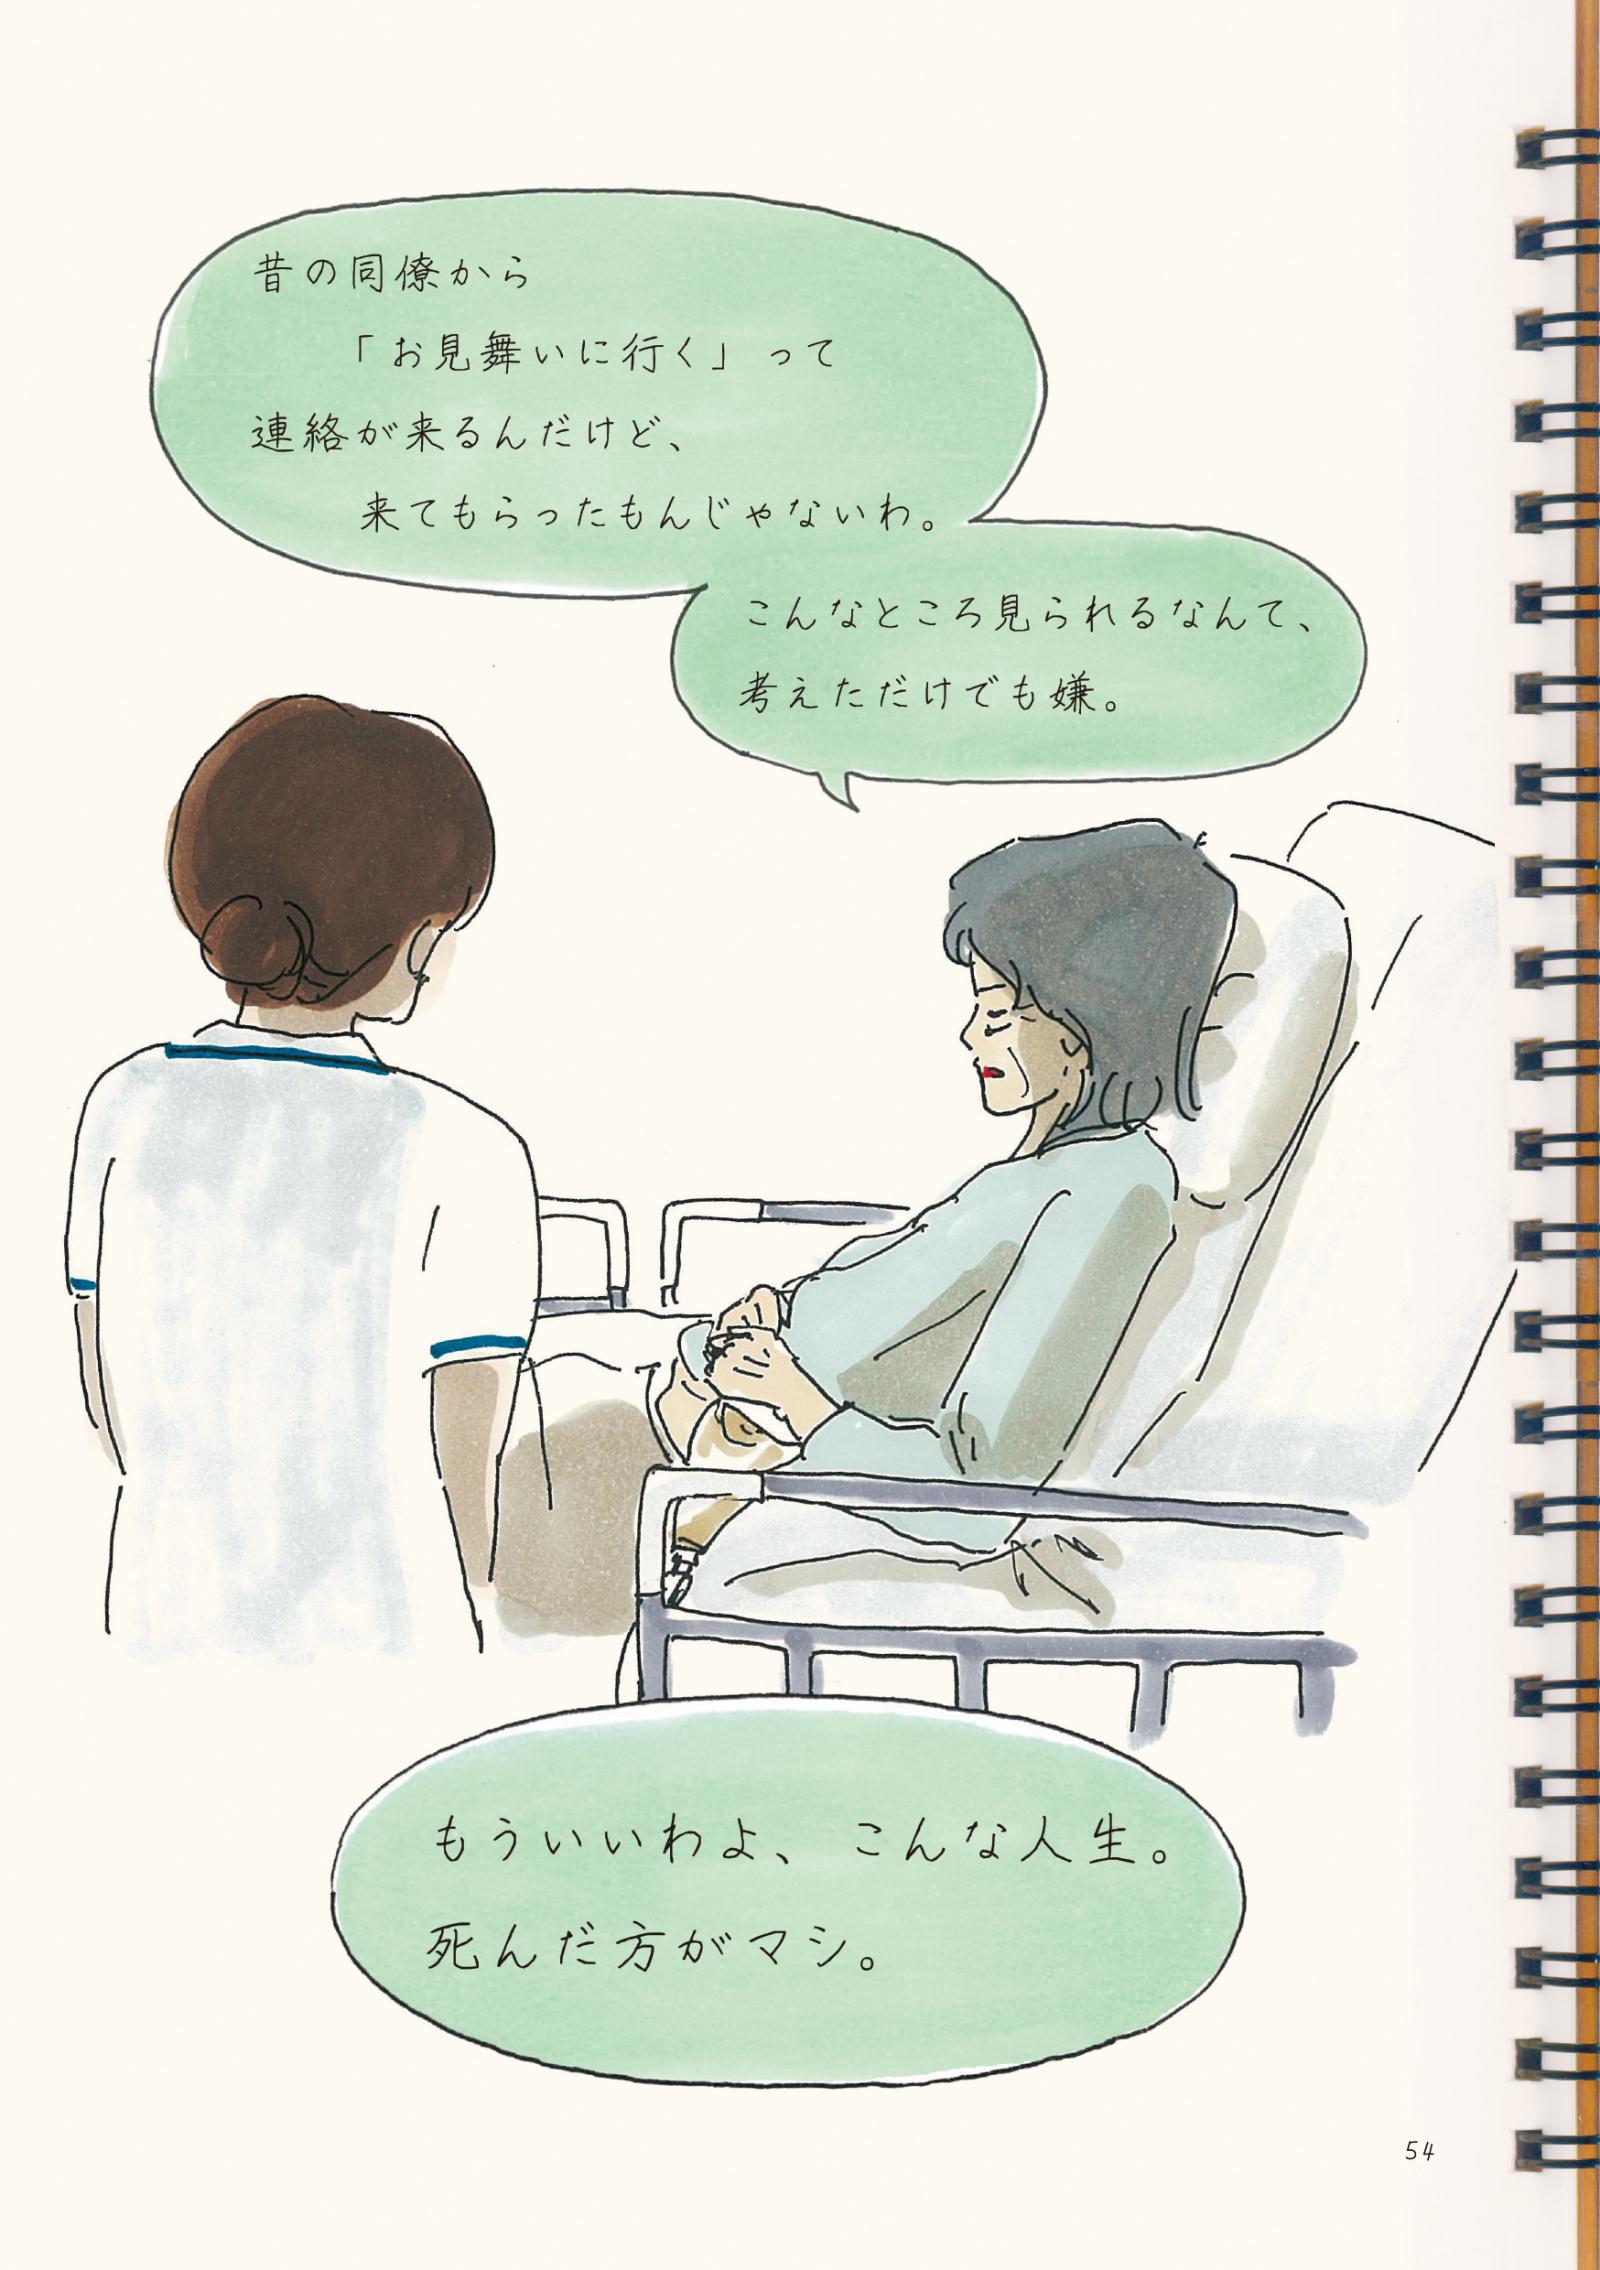 『病院というヘンテコな場所が教えてくれたコト。2』38P